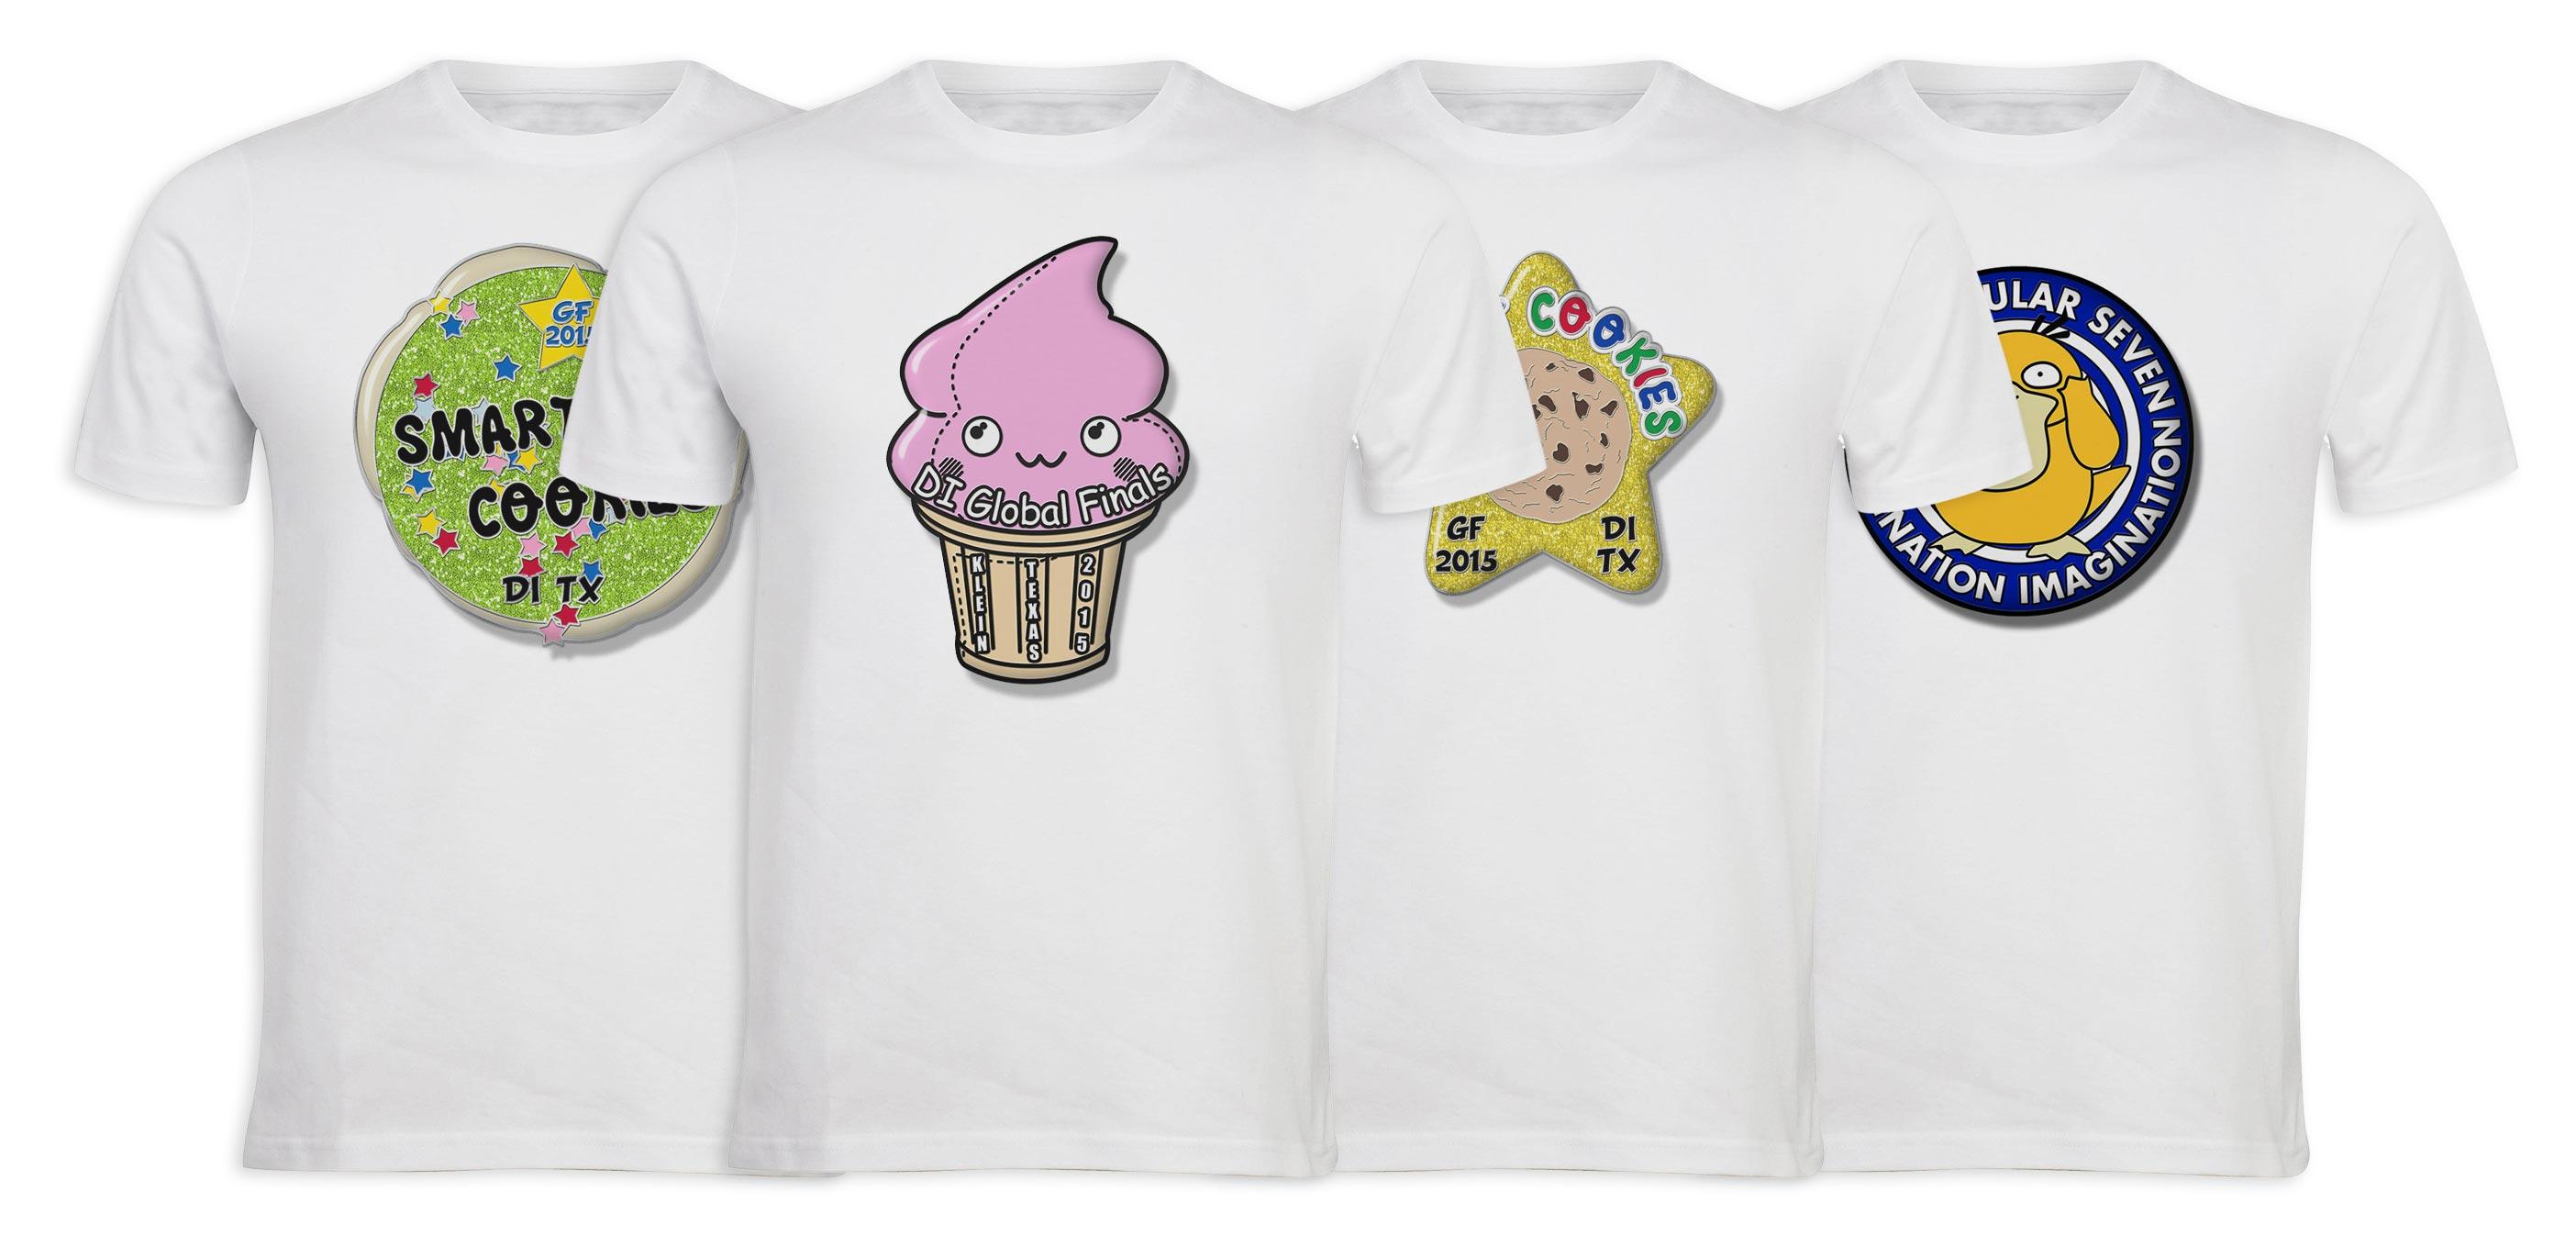 Di-Shirts